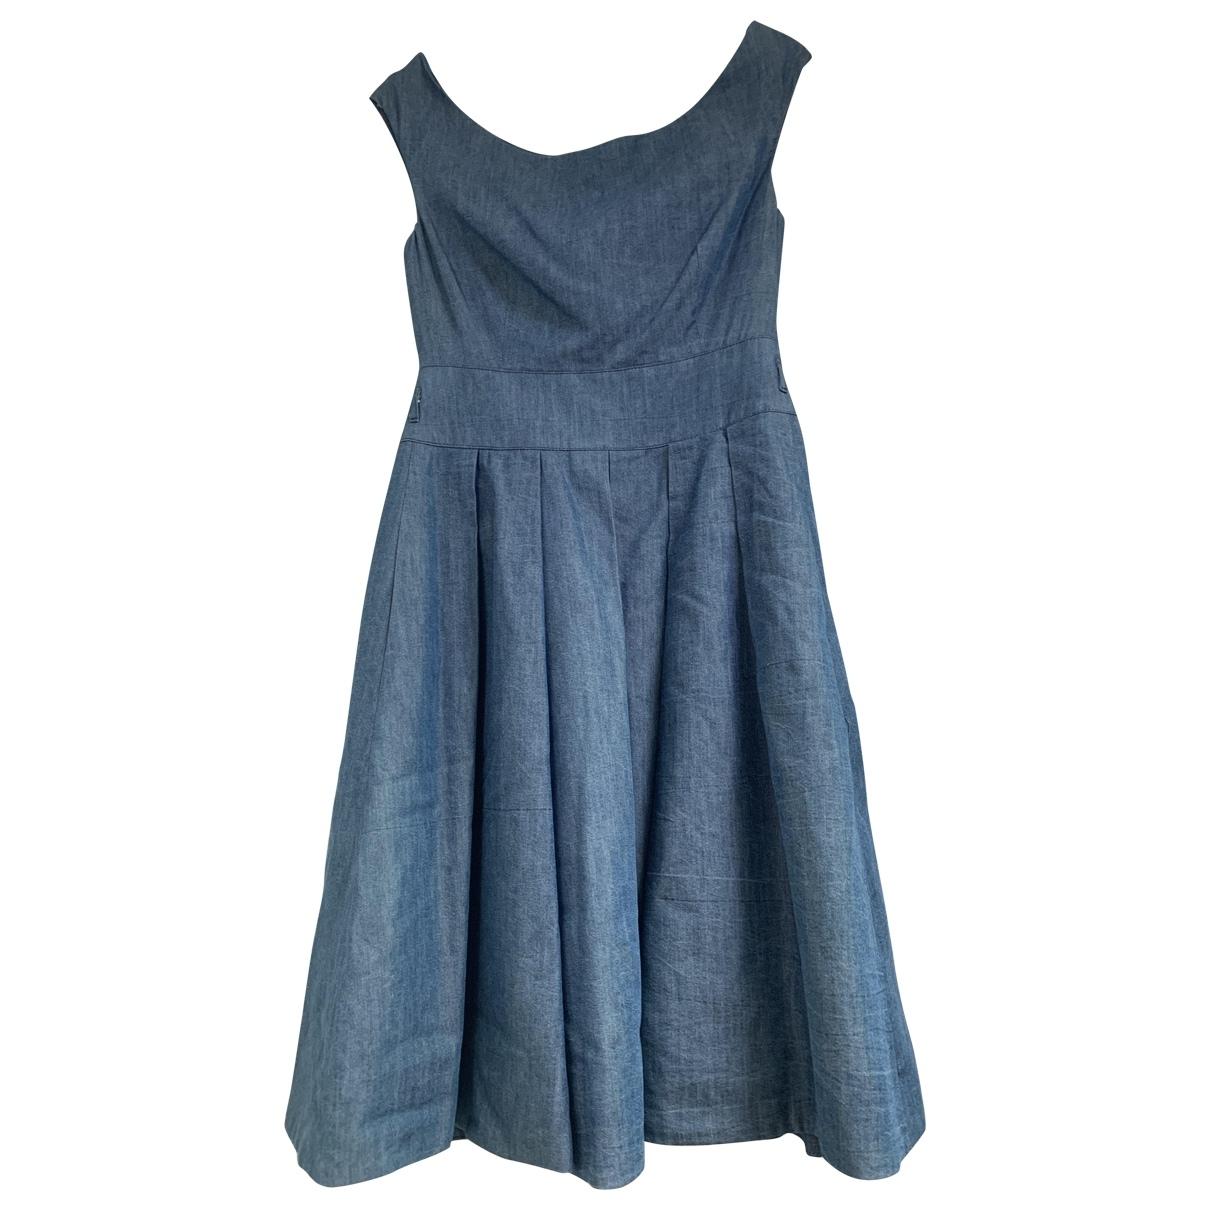 Blumarine \N Blue Denim - Jeans dress for Women 42 IT